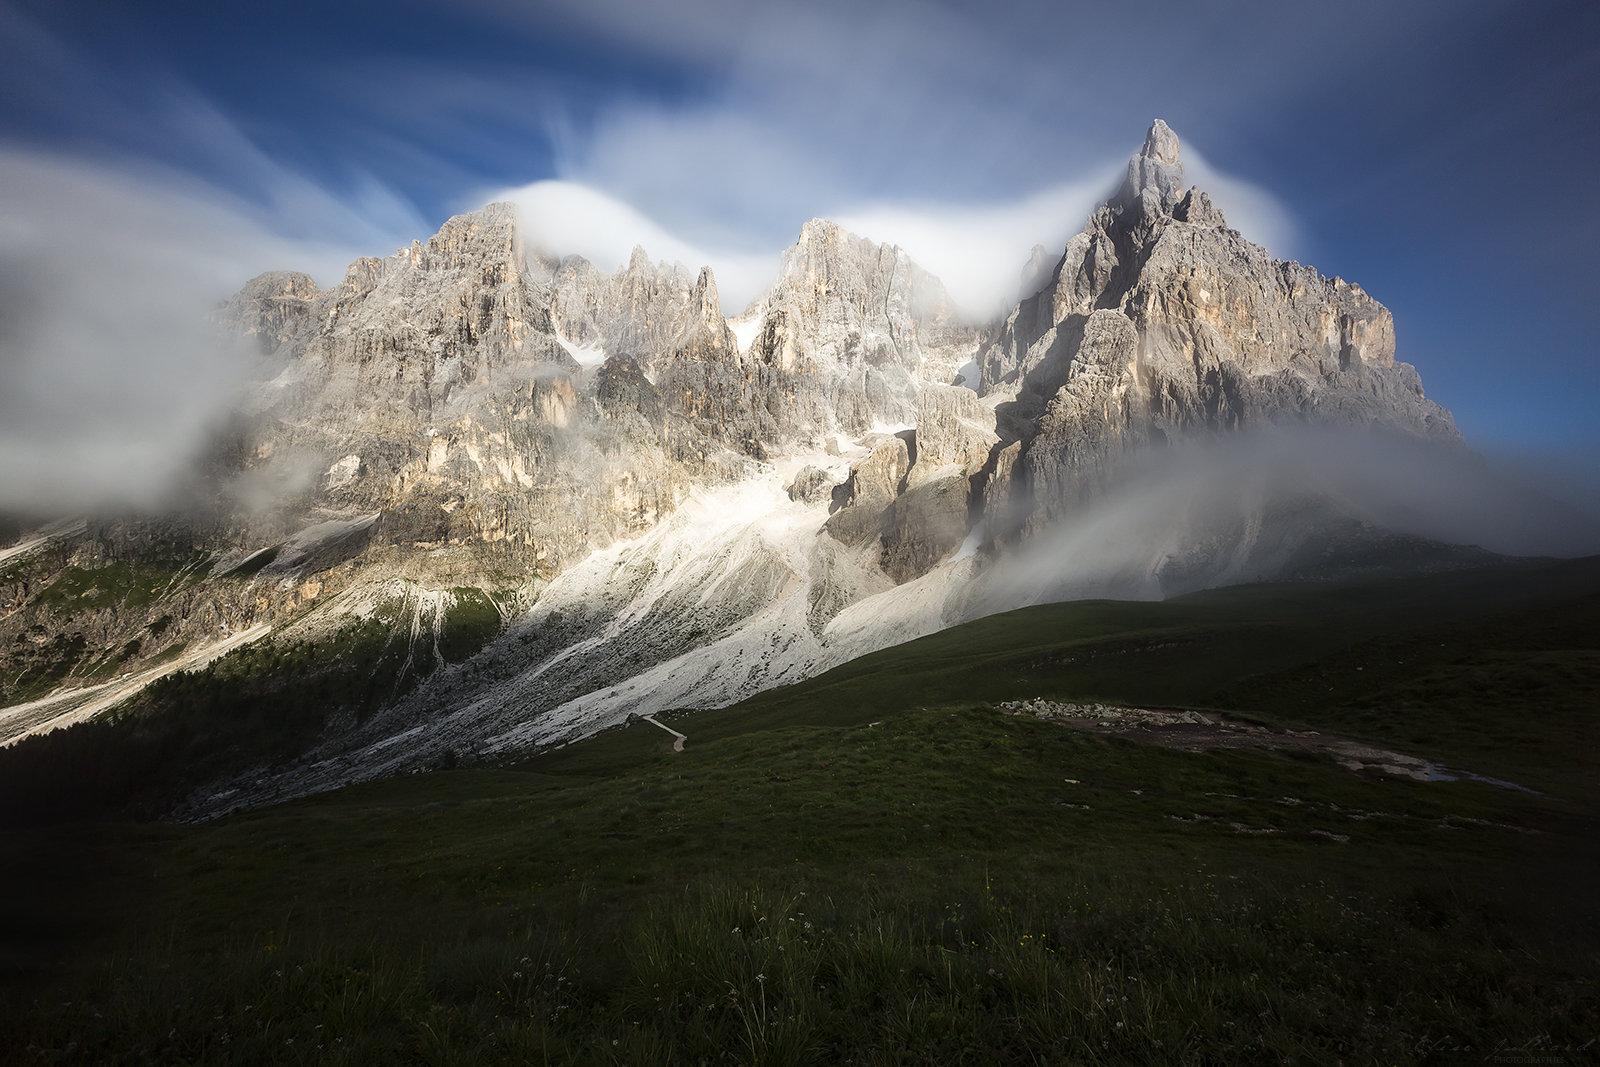 elise-julliard-photographe-lyon-france-montagne-dolomites-dolomiti-italie-paysage